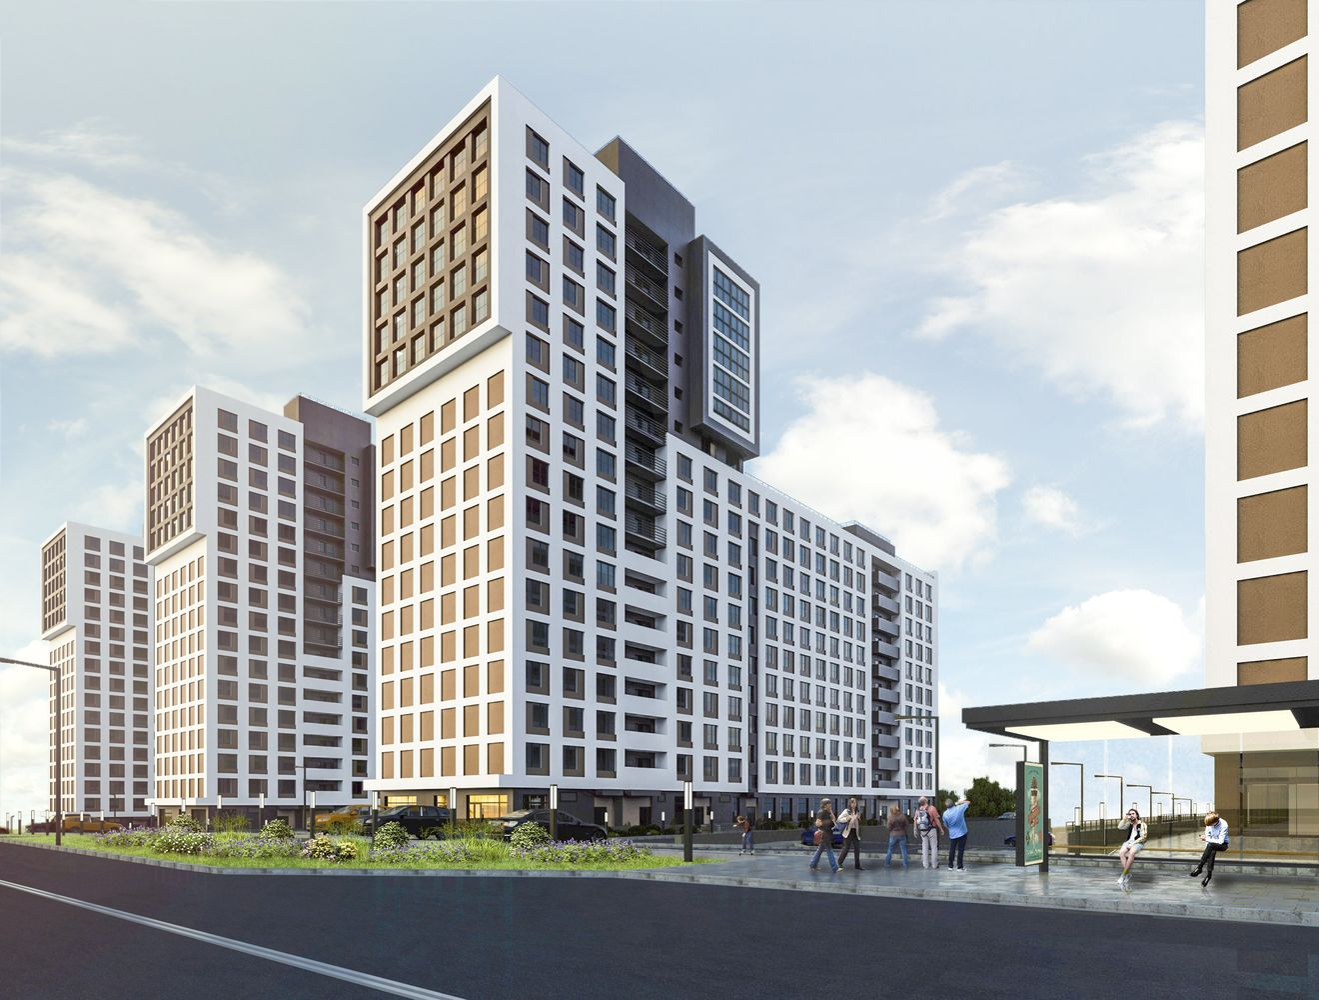 ТОП-5 новостроек бизнес-класса в Нижнем Новгороде с самыми доступными квартирами - фото 4